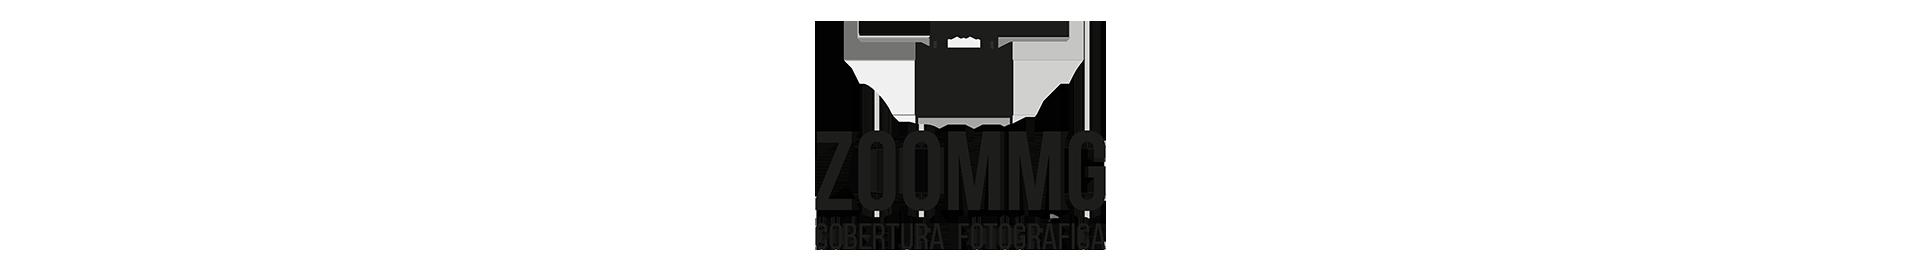 Sobre ZOOMMG Cobertura Fotográfica